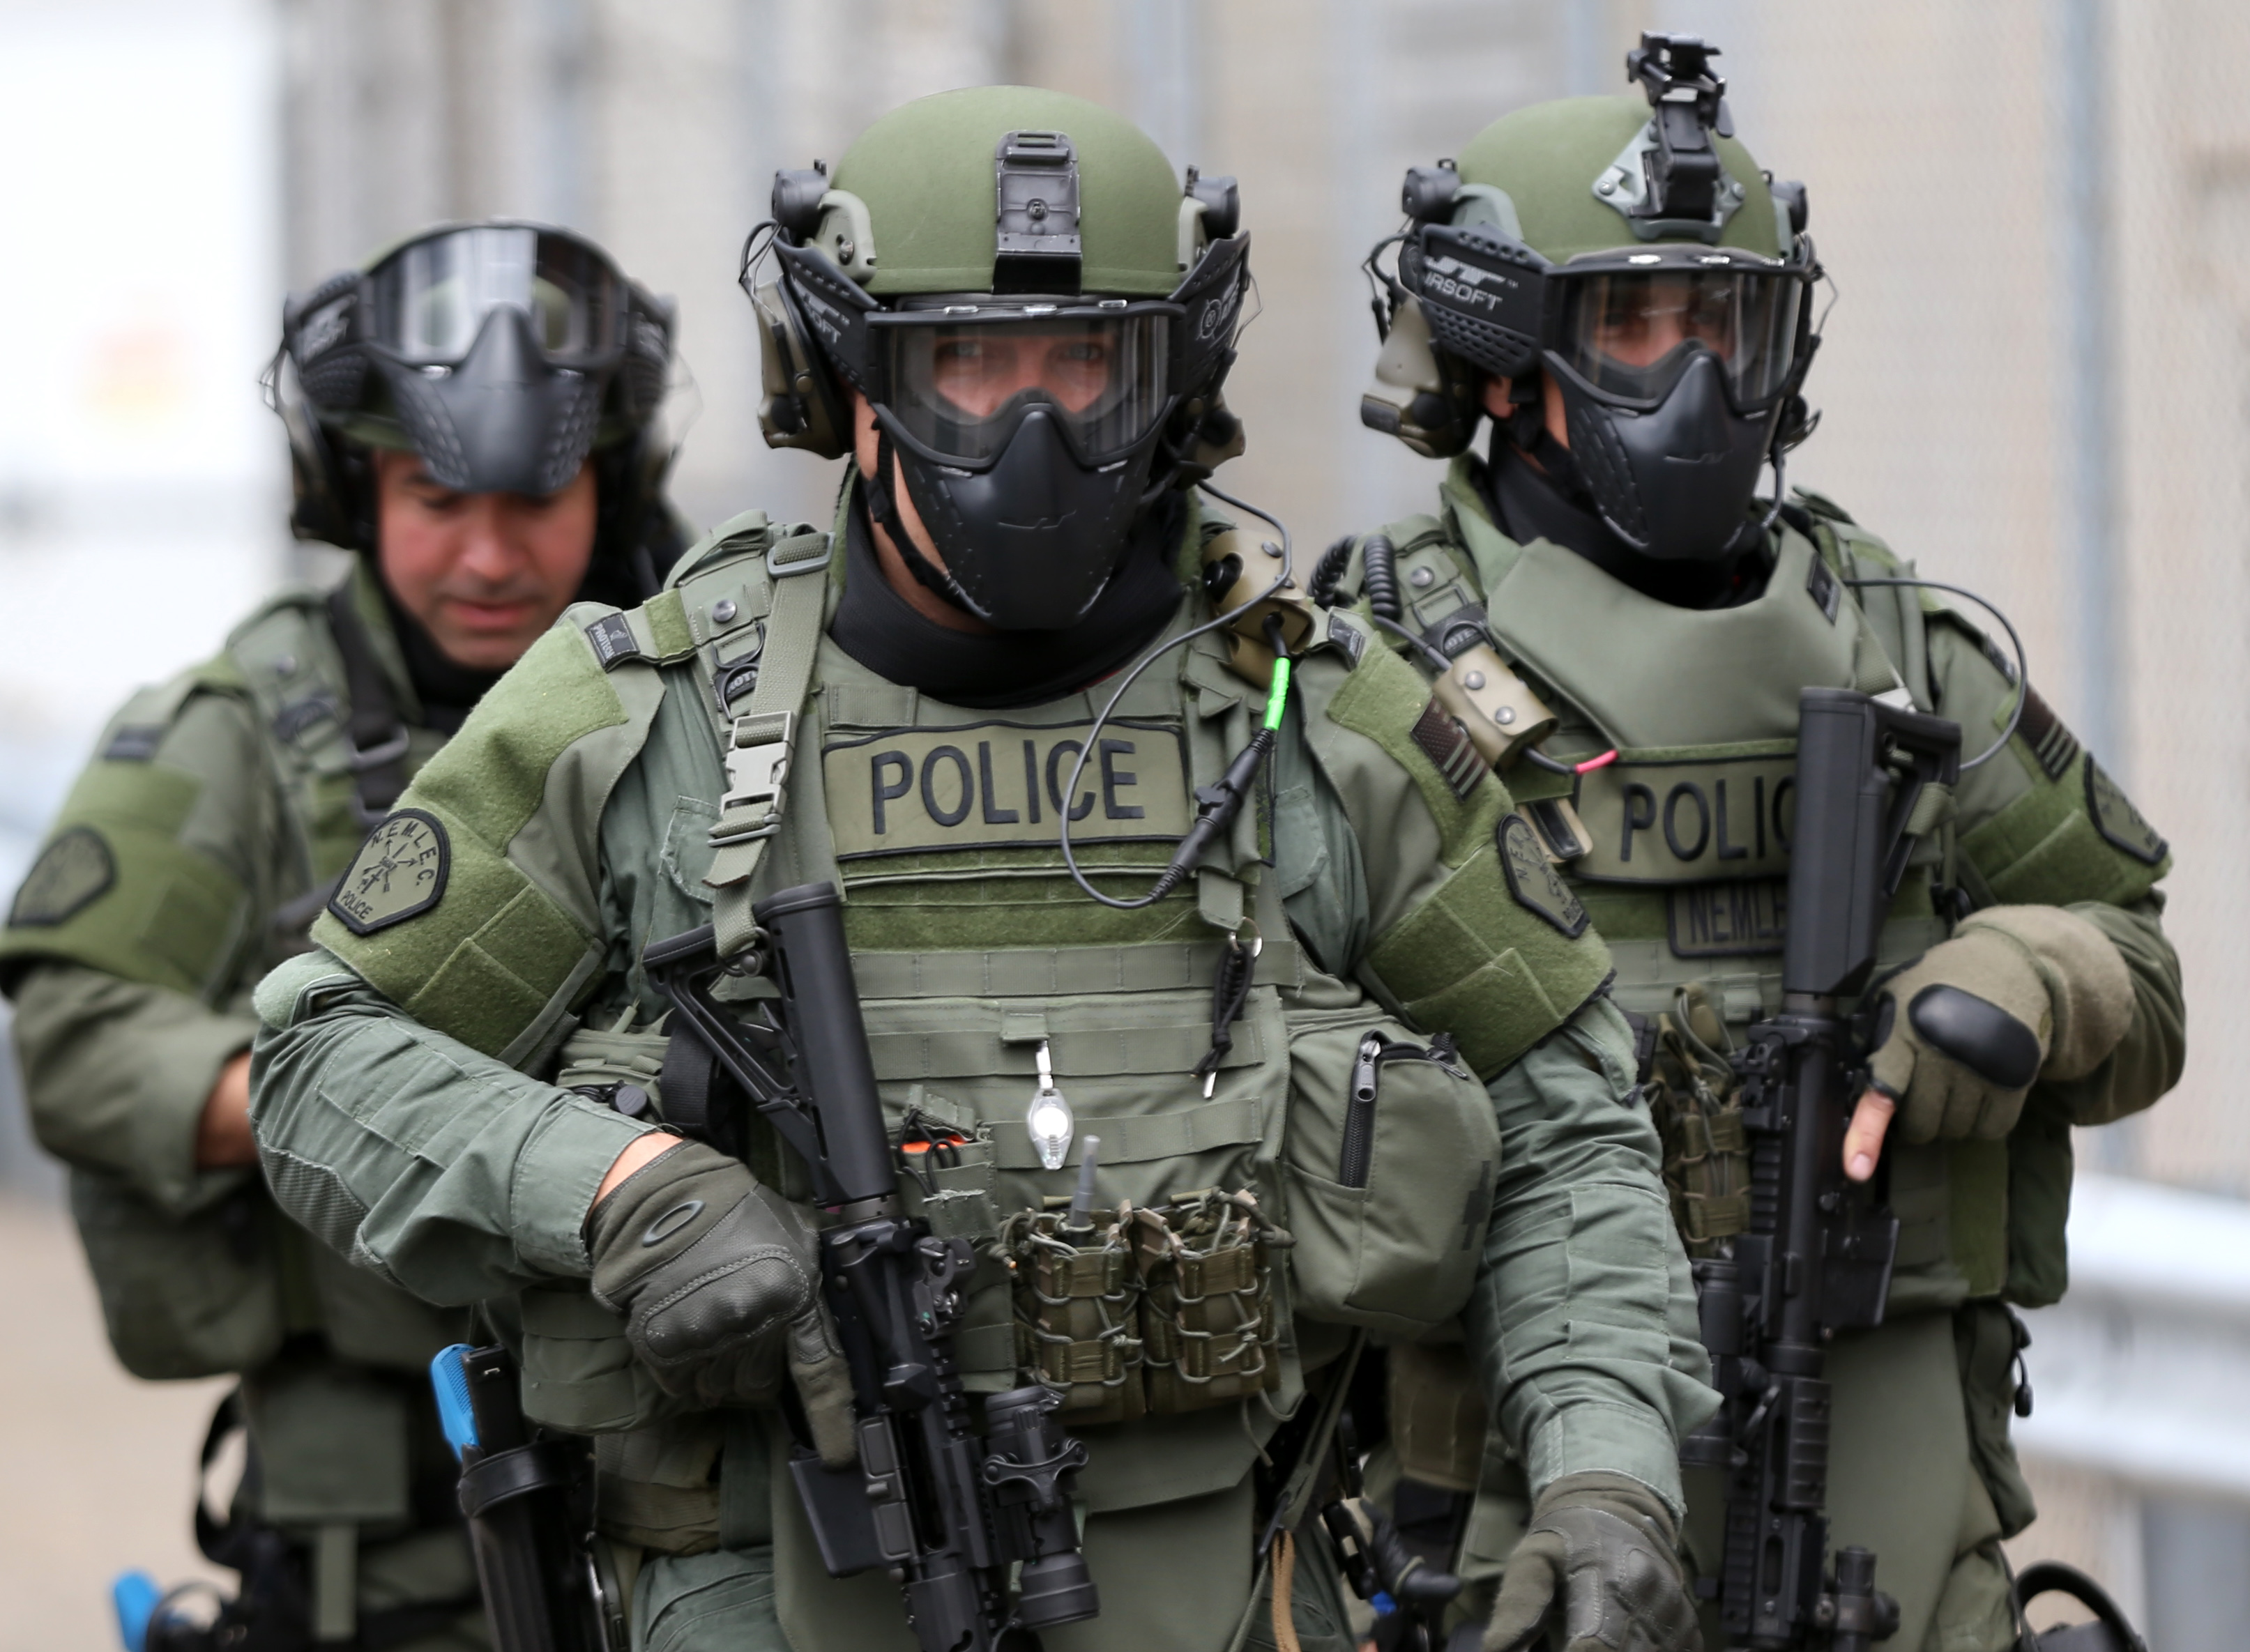 cops vs police